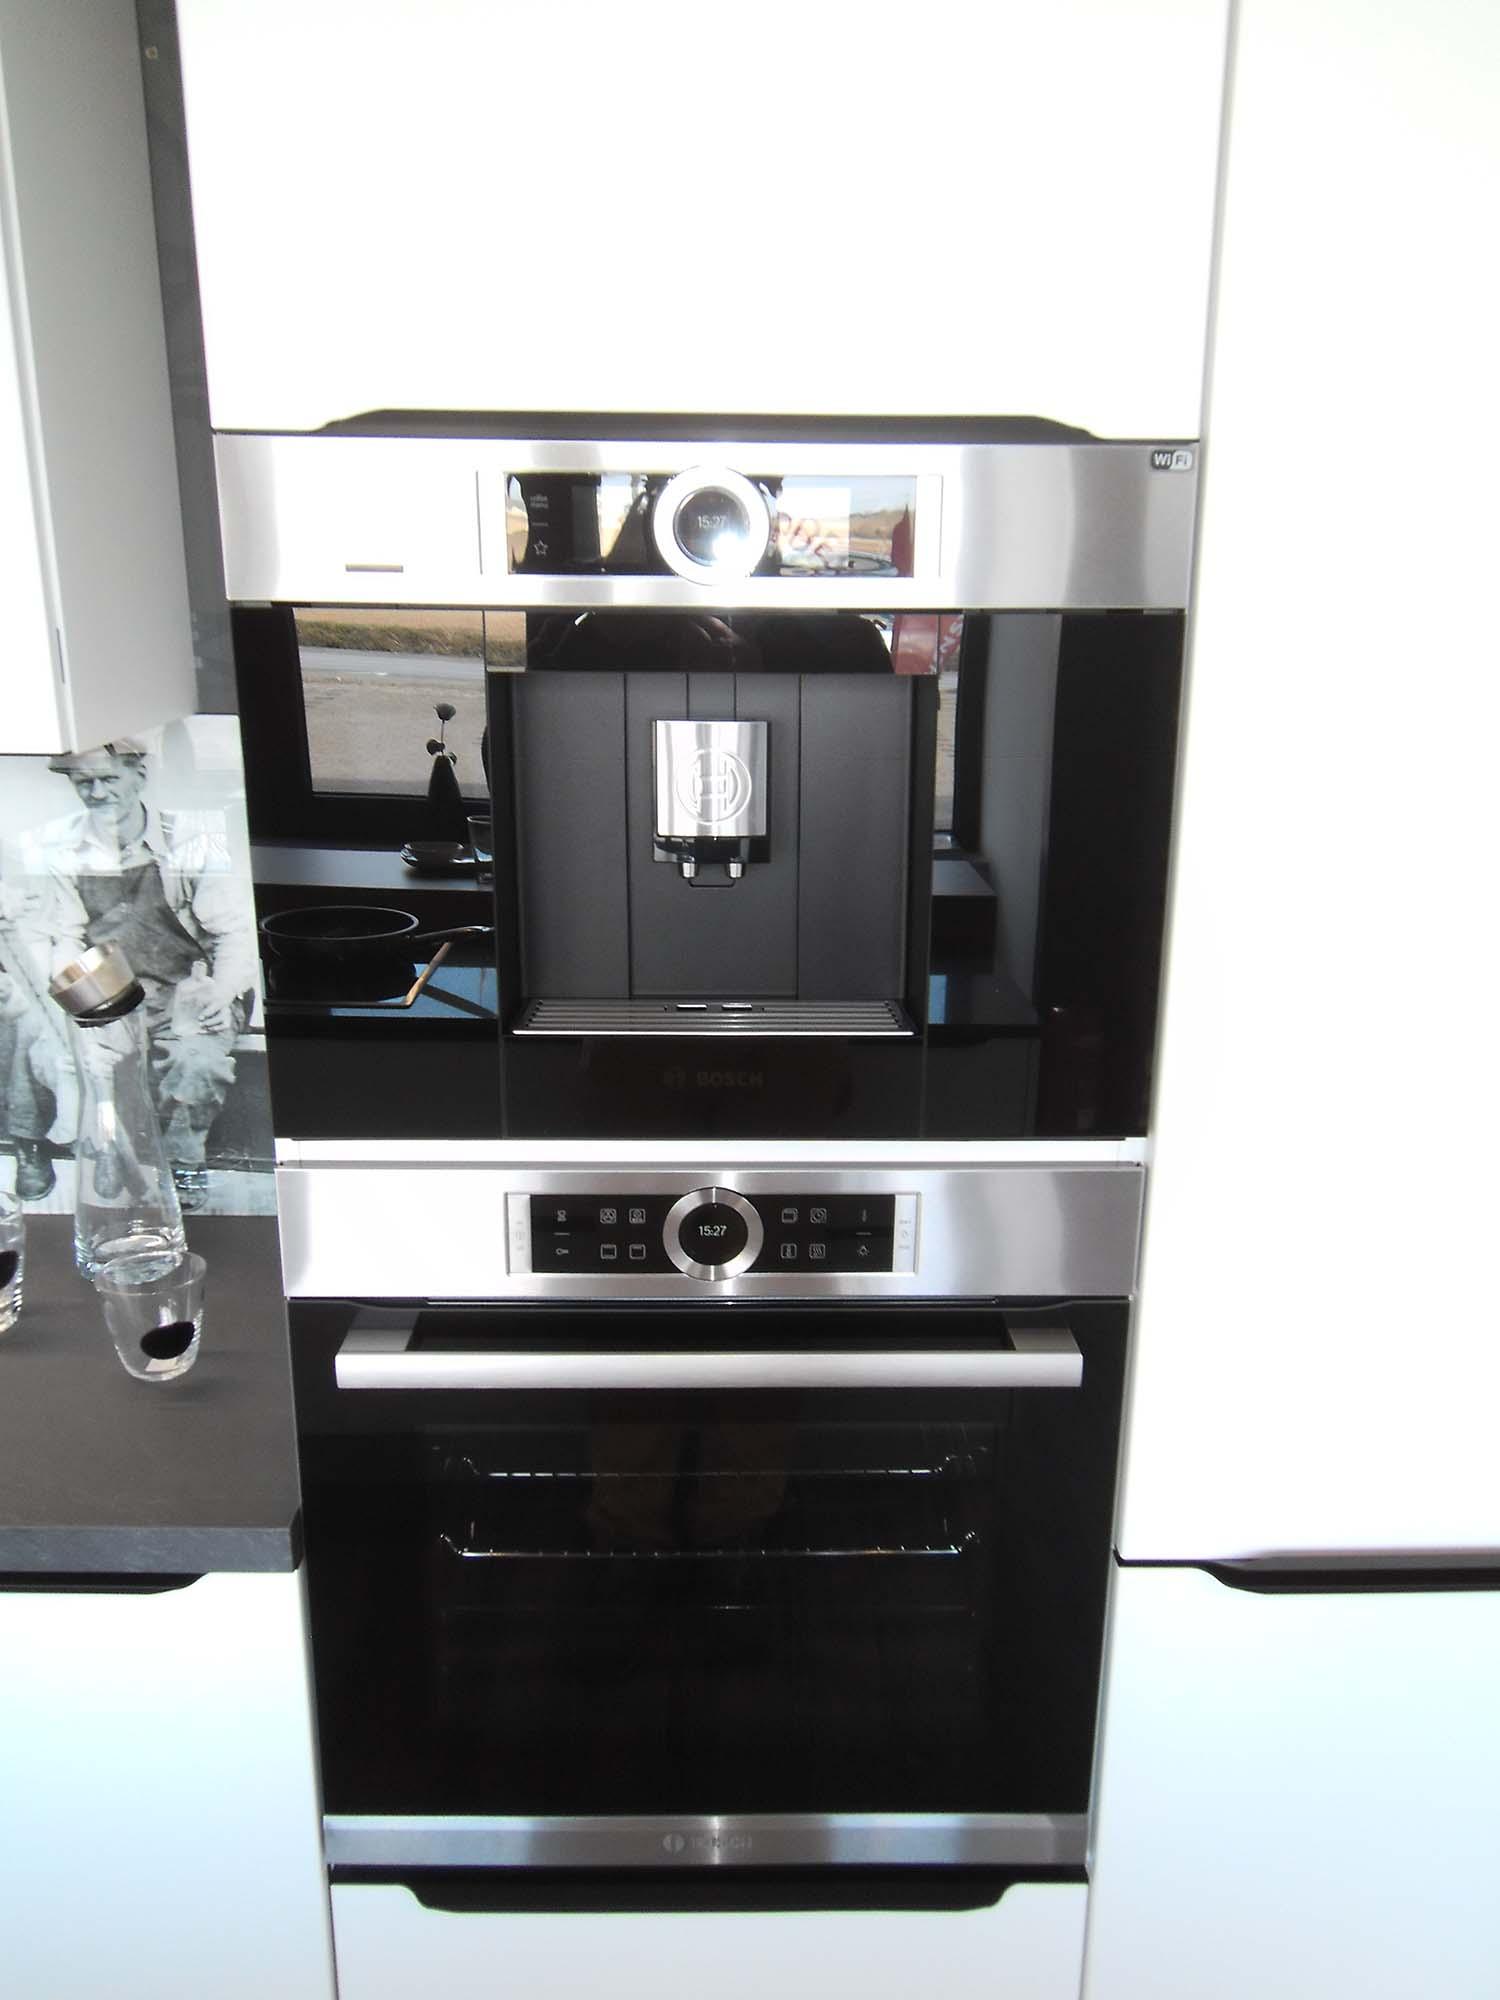 hochgebauter Backofen und Kaffeevollautomat